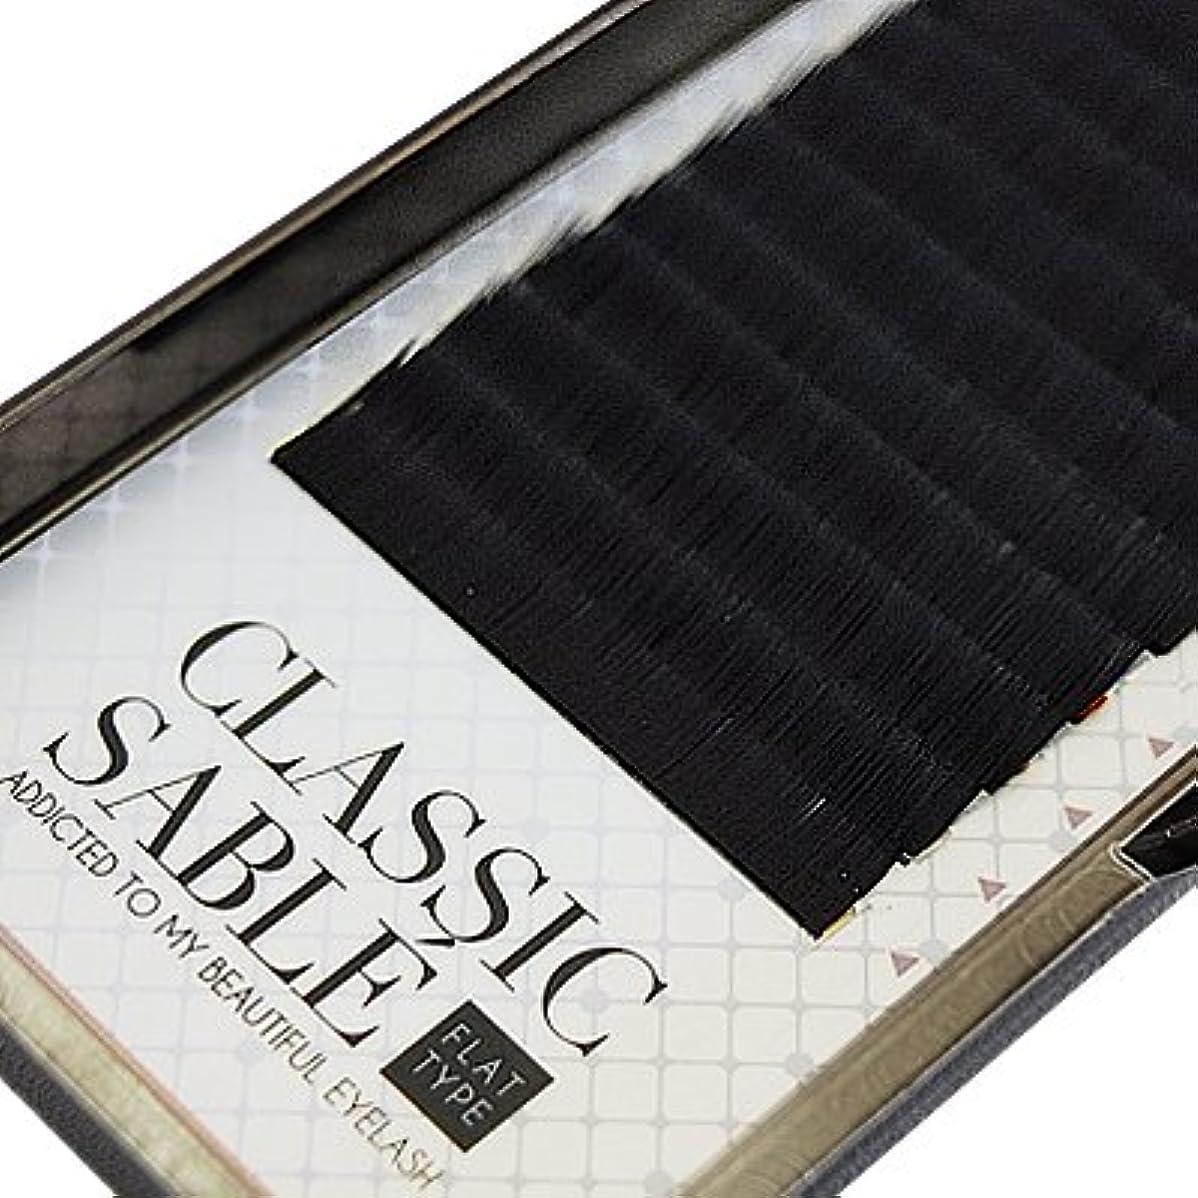 信頼性のある打ち上げる幸運【amass Bona】クラシックセーブル フラットタイプ Jカール 11mm×0.15mm